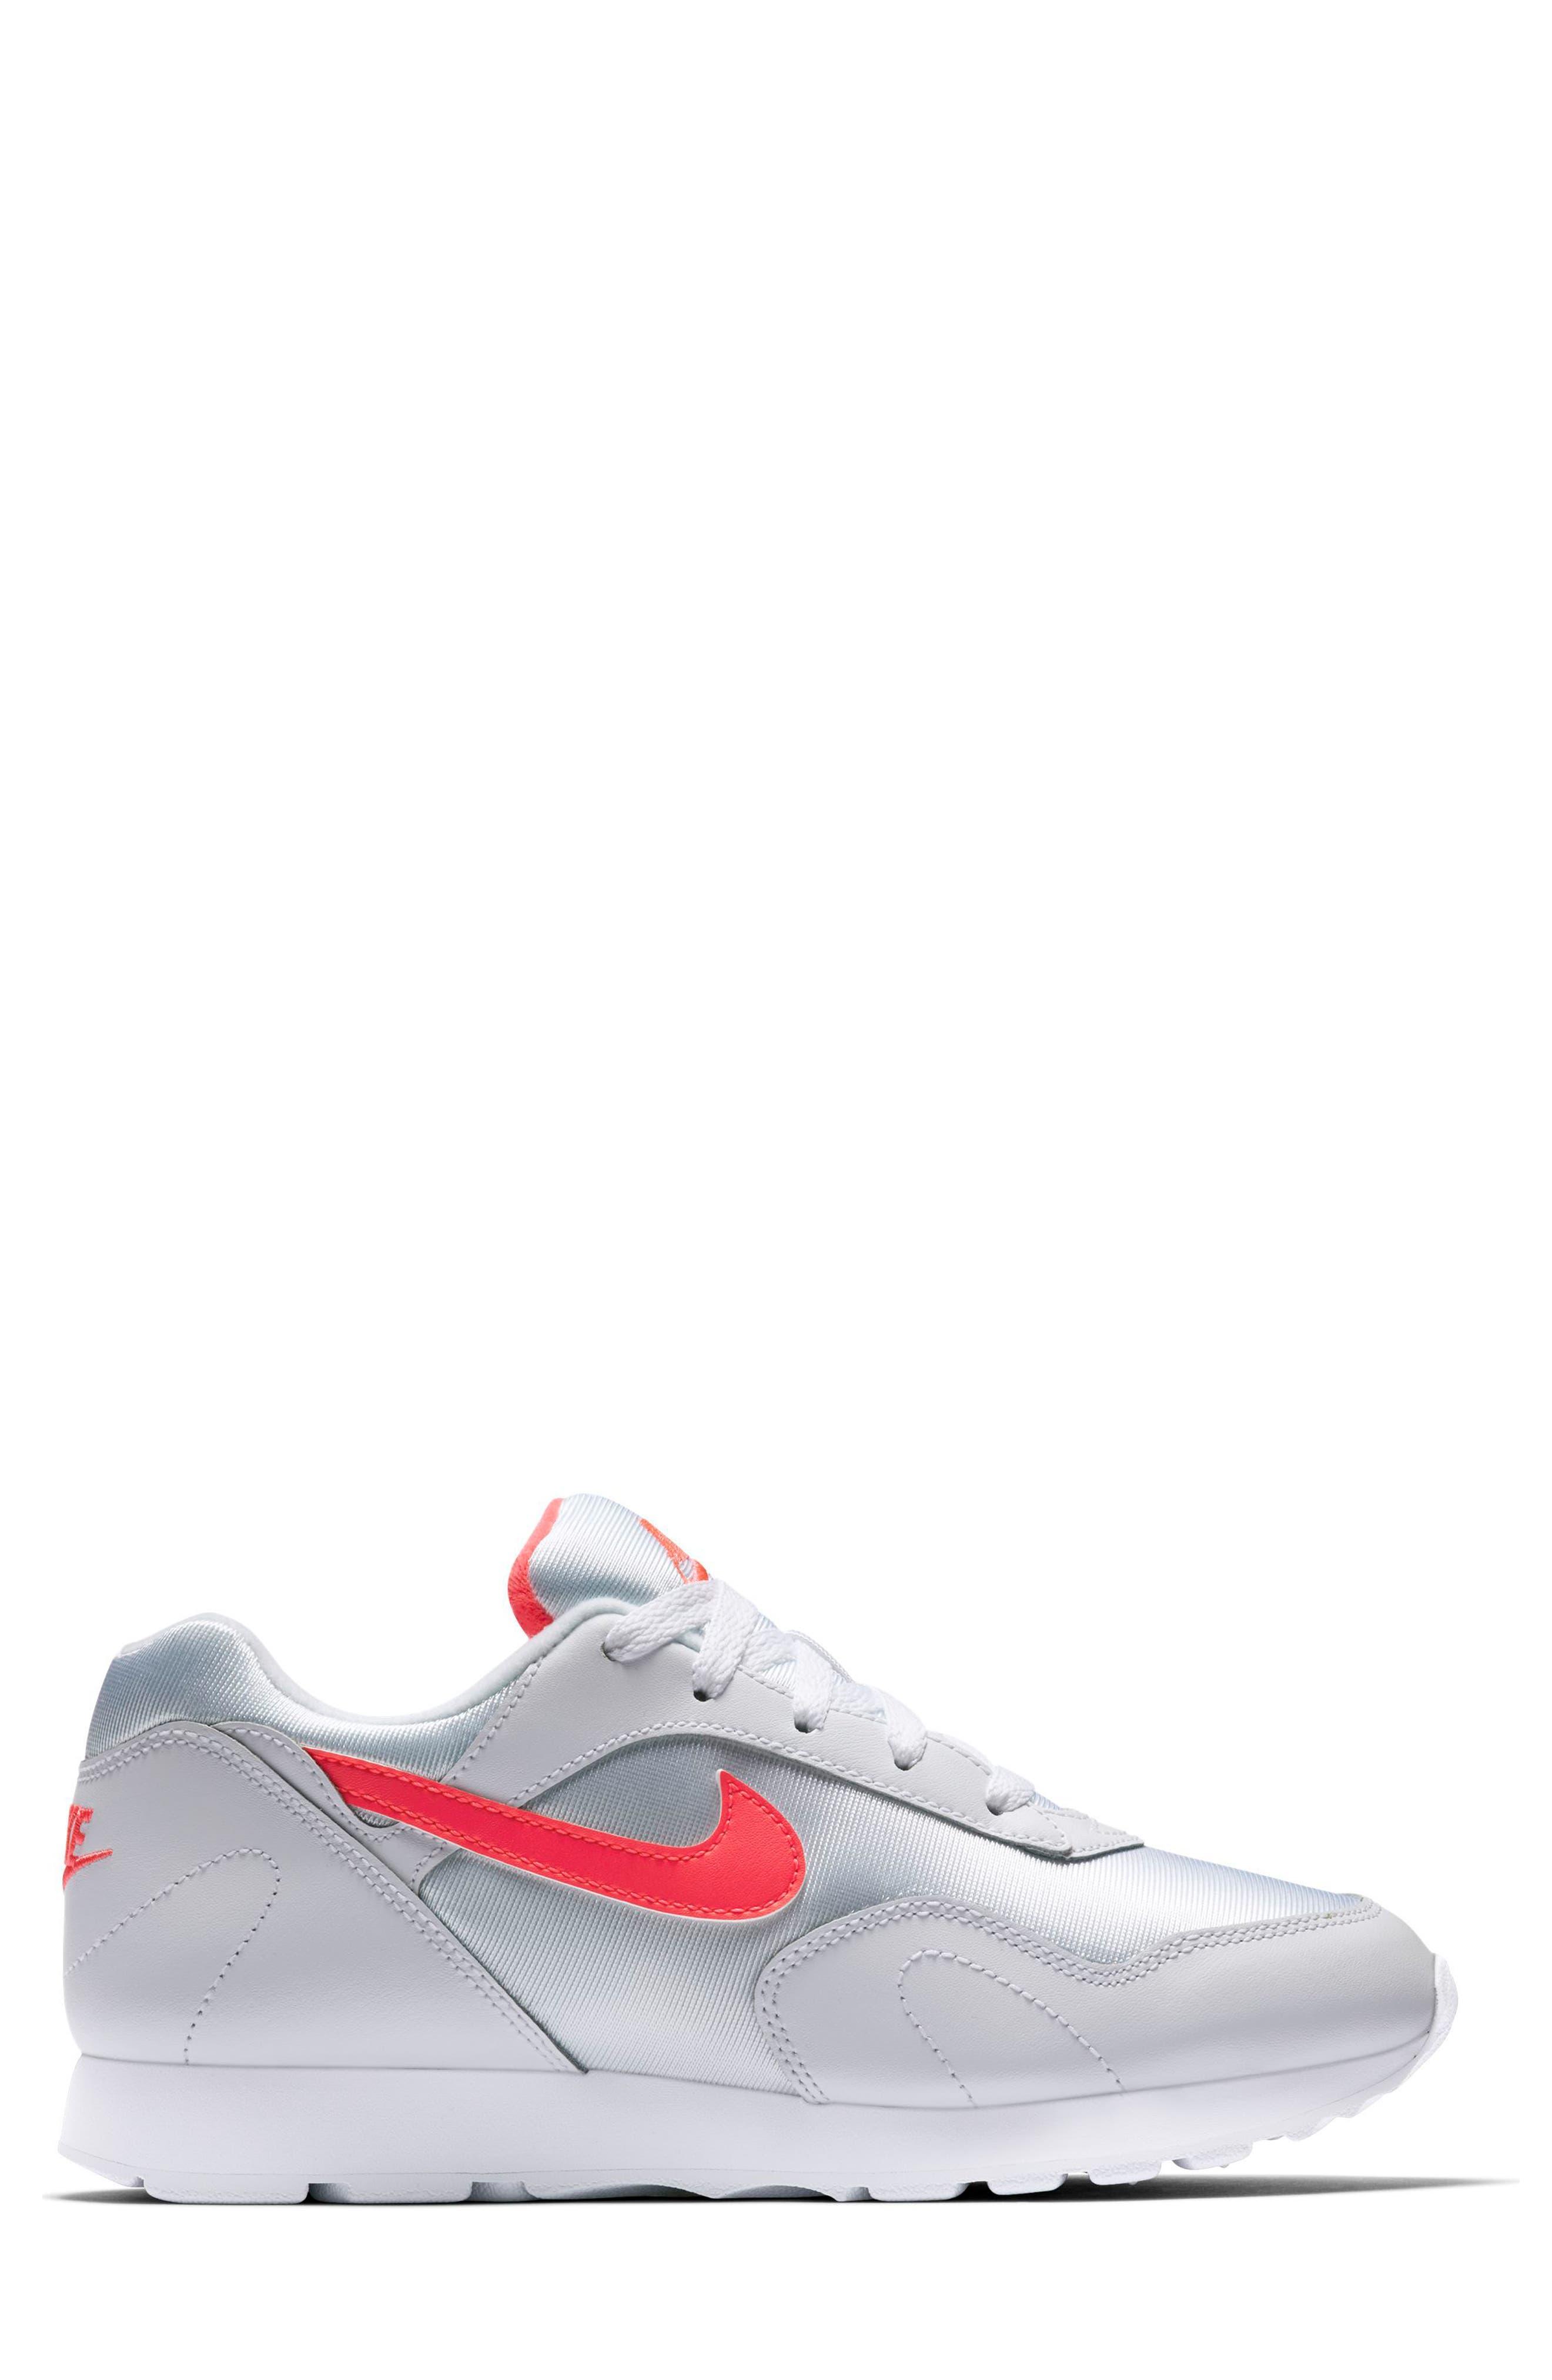 Outburst OG Sneaker,                             Alternate thumbnail 3, color,                             101